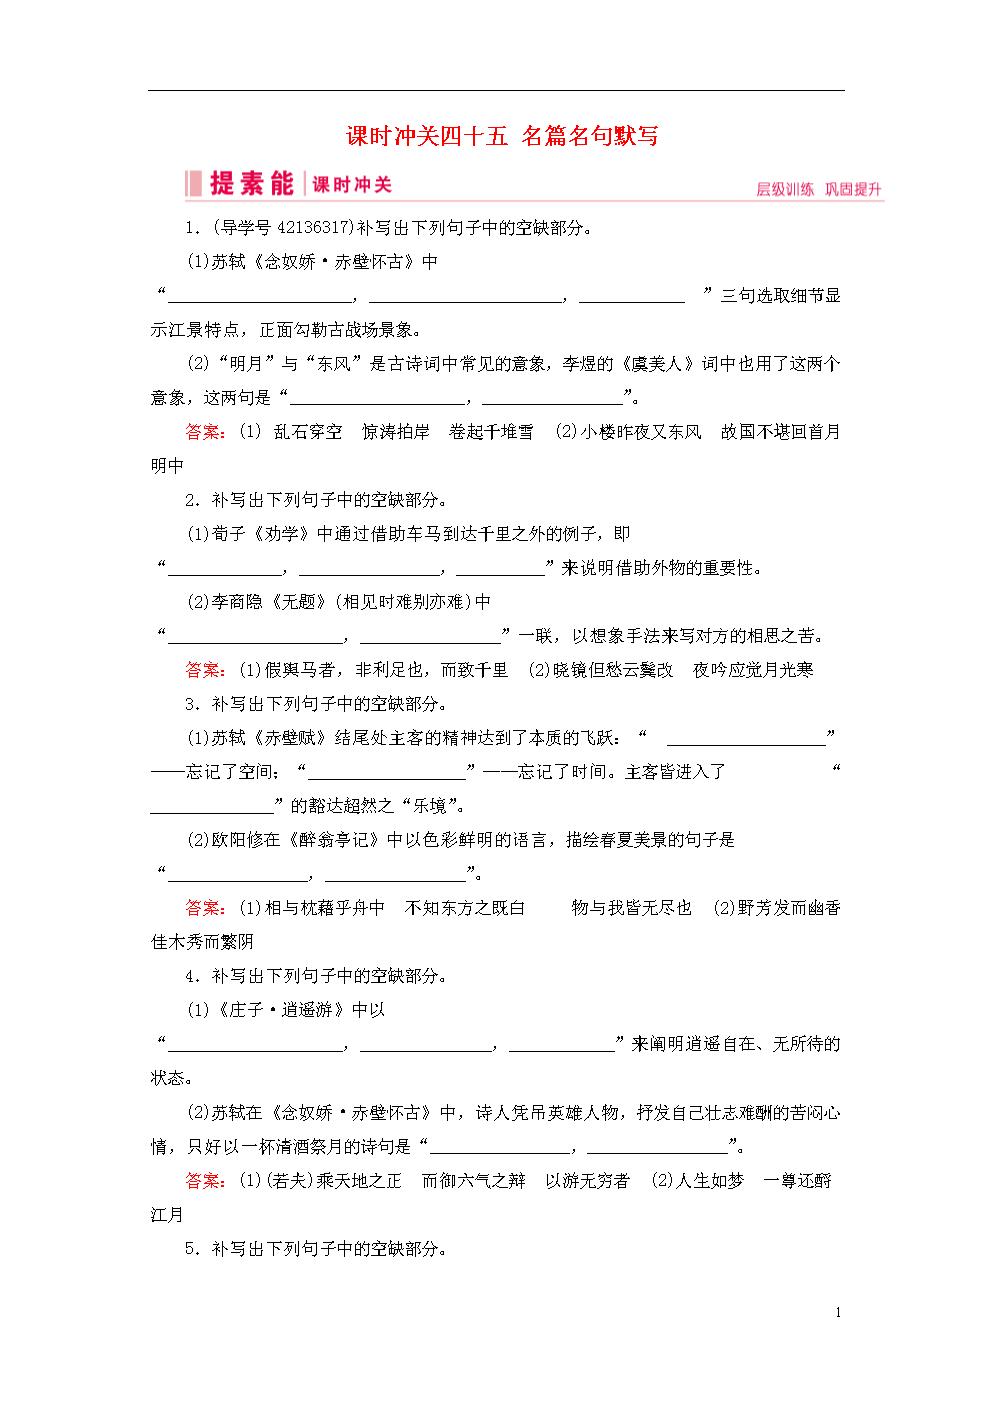 """(2)《离骚》中与成语""""方凿圆枘""""意思相似,表达出""""道不同不相为谋""""之图片"""